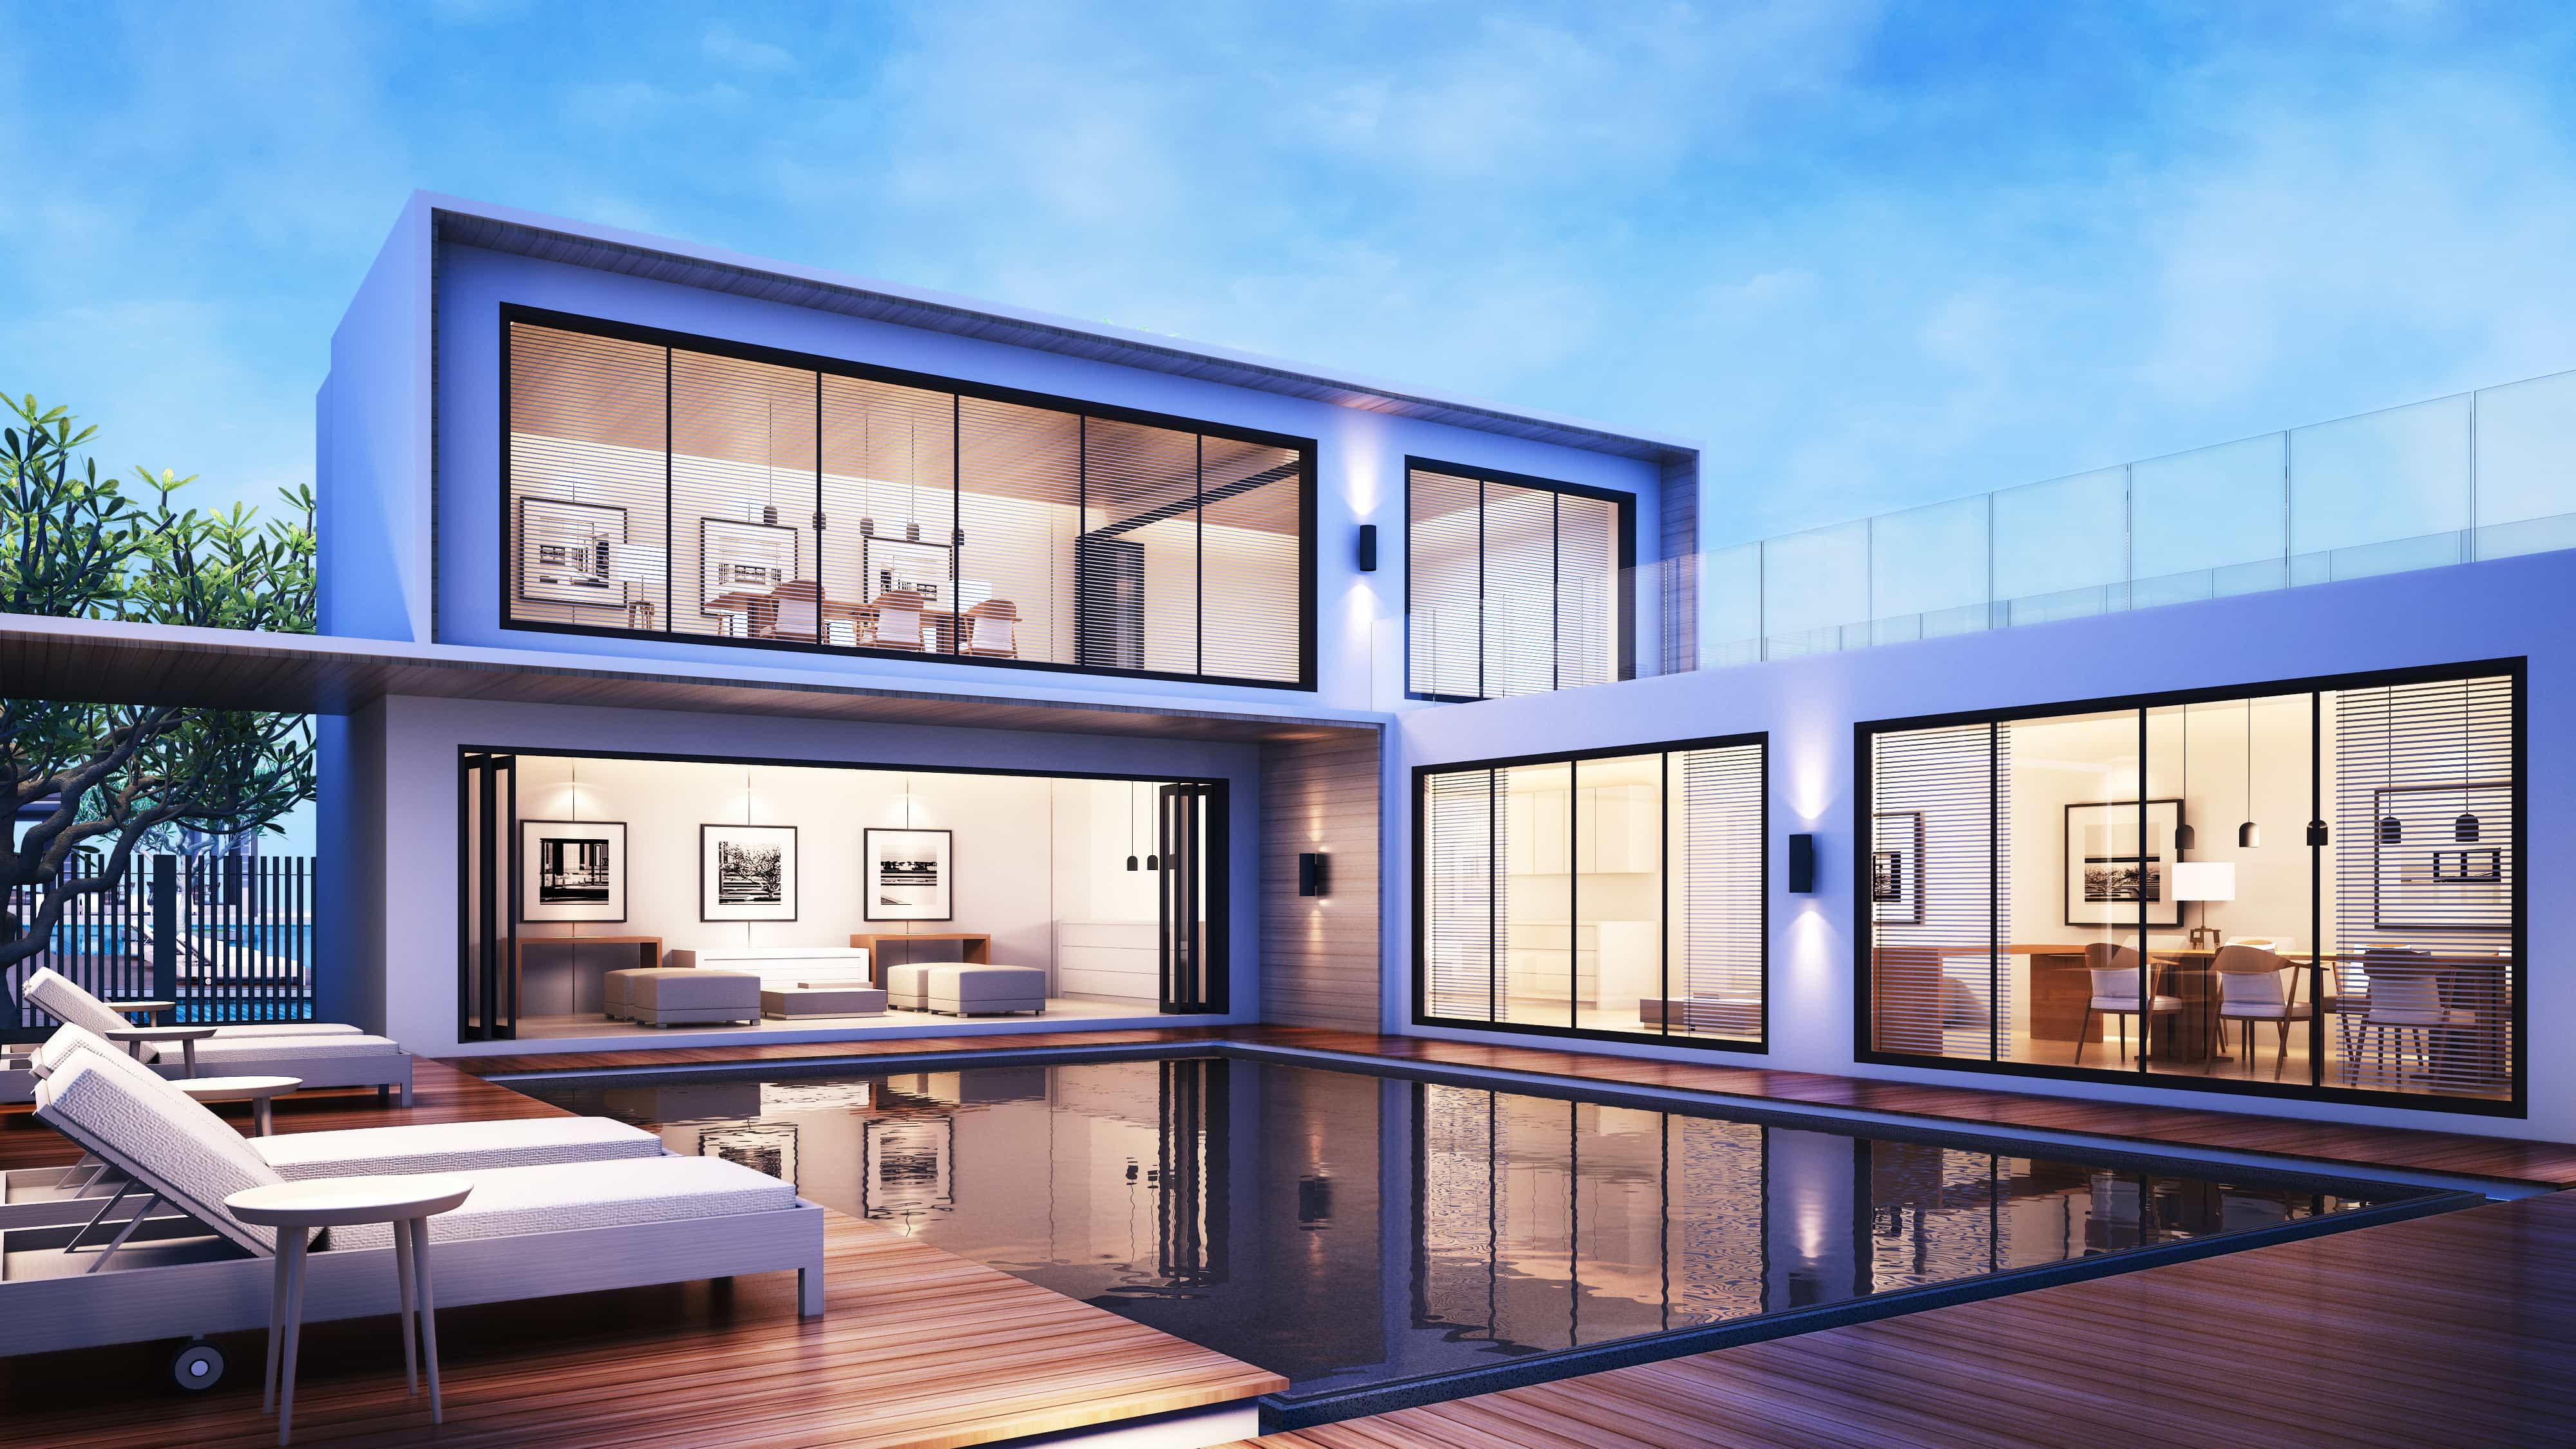 Luxus Weltweit: Yachthafen, Rennbahn, Immobilien, Städte & Co.